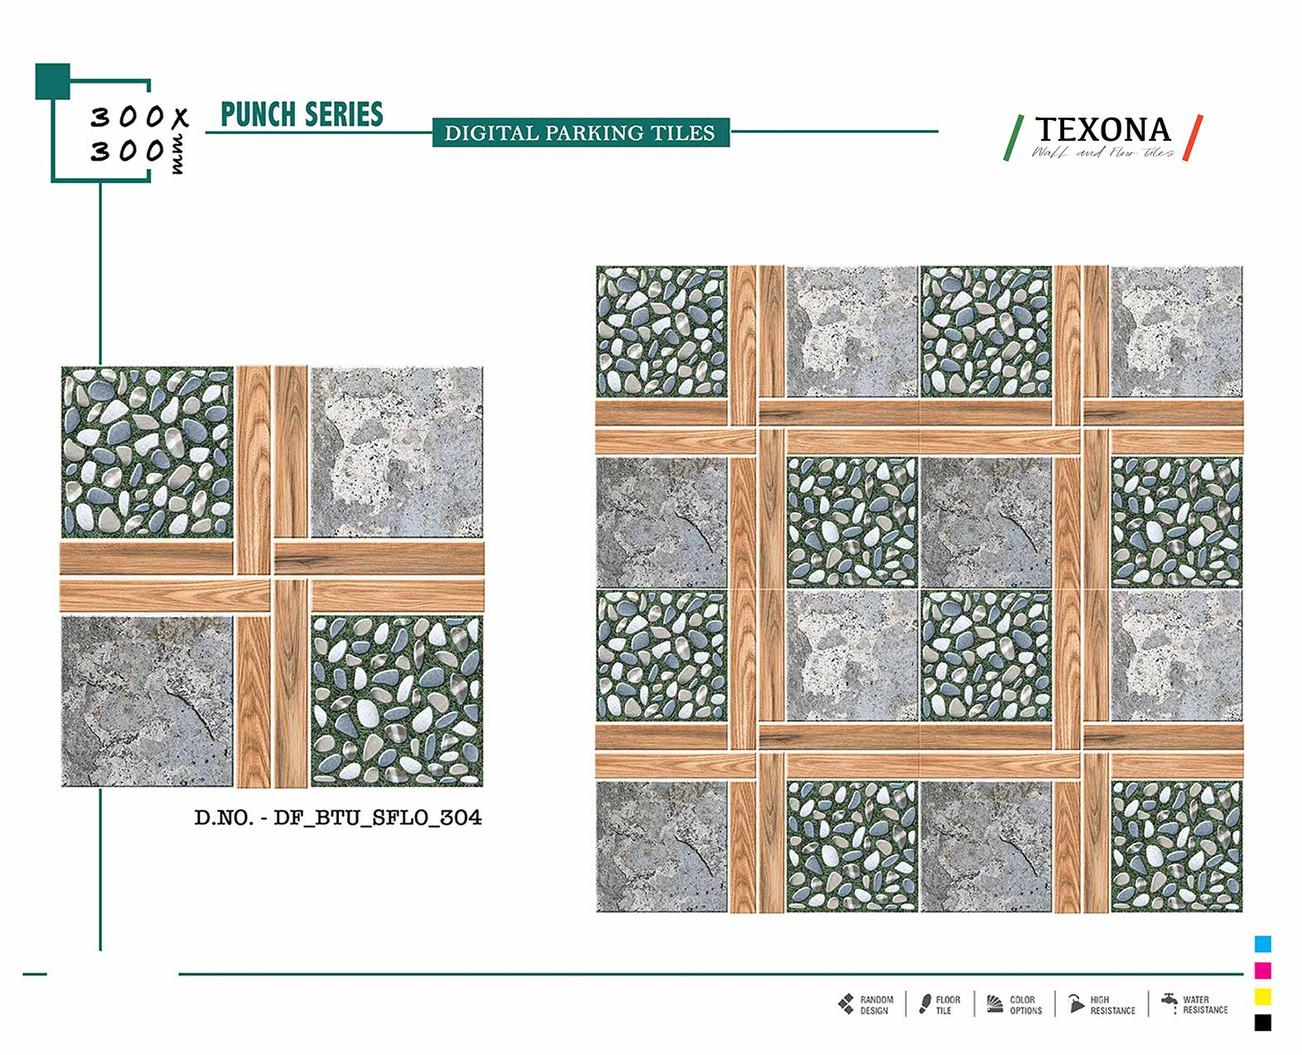 12X12 PARKING VOL.4_Page_02_Image_0001.j